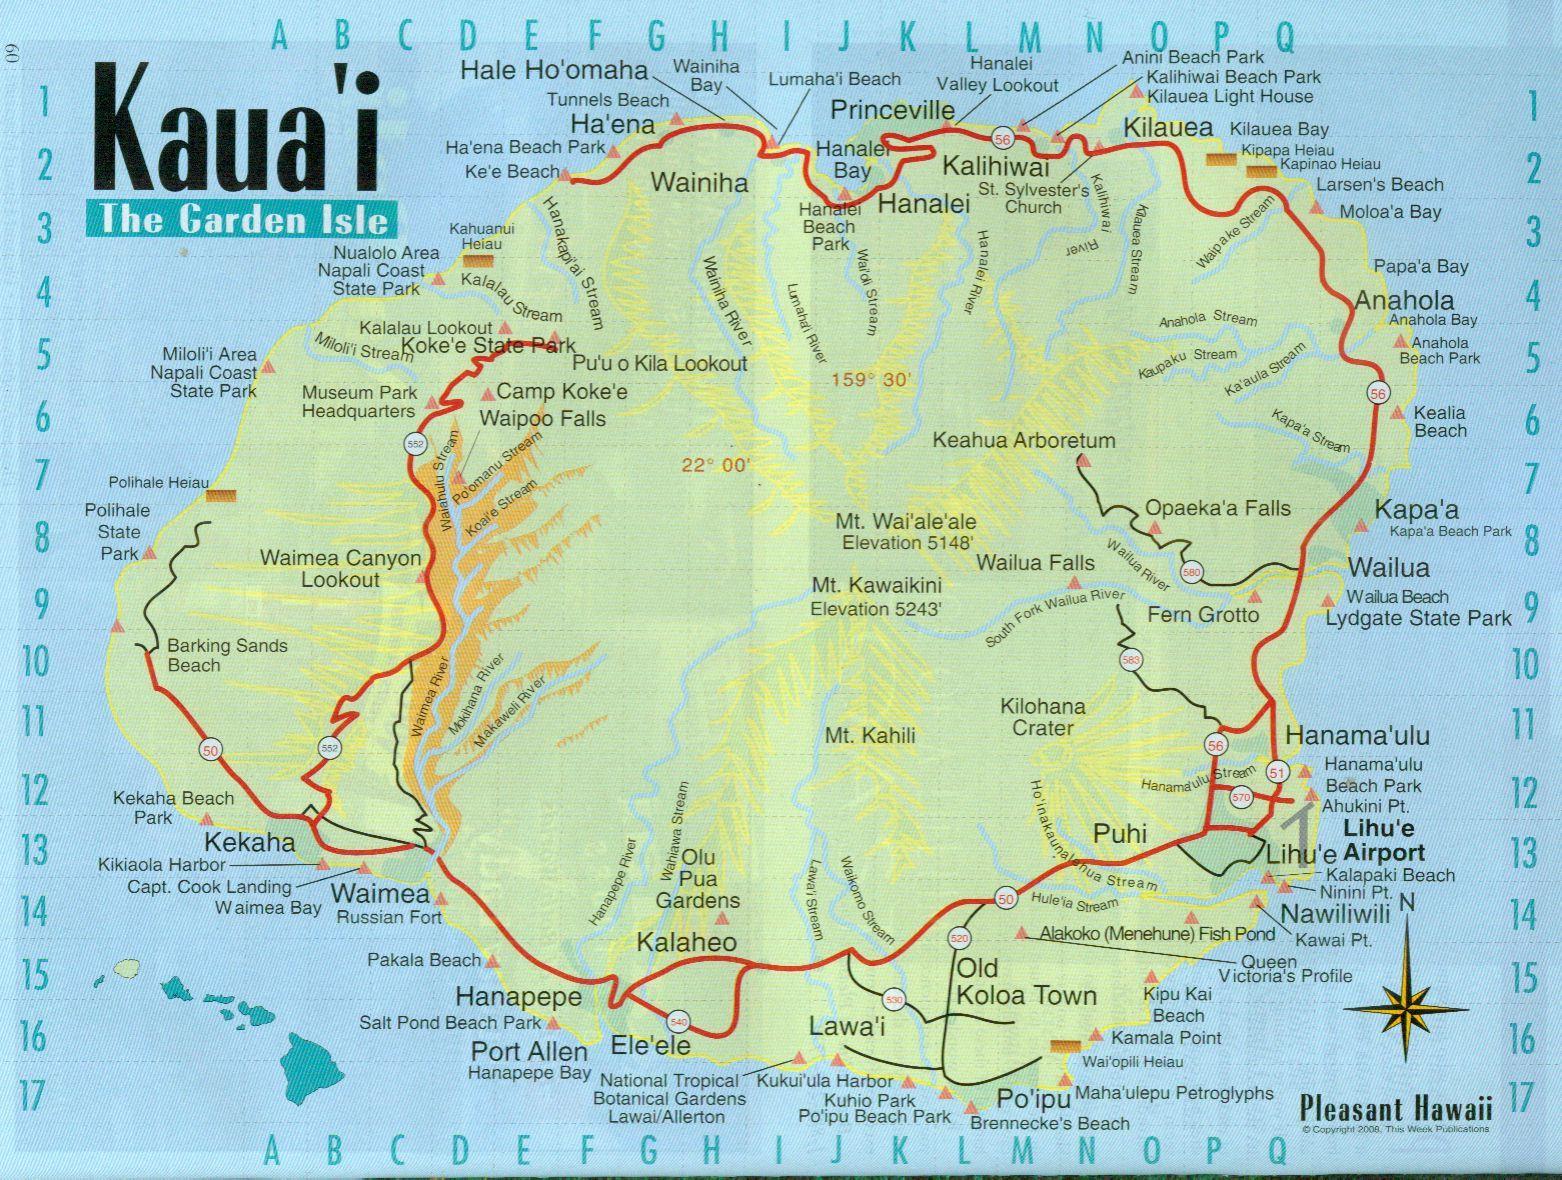 Map Kauai Printable Road - Printable Road Map Of Kauai